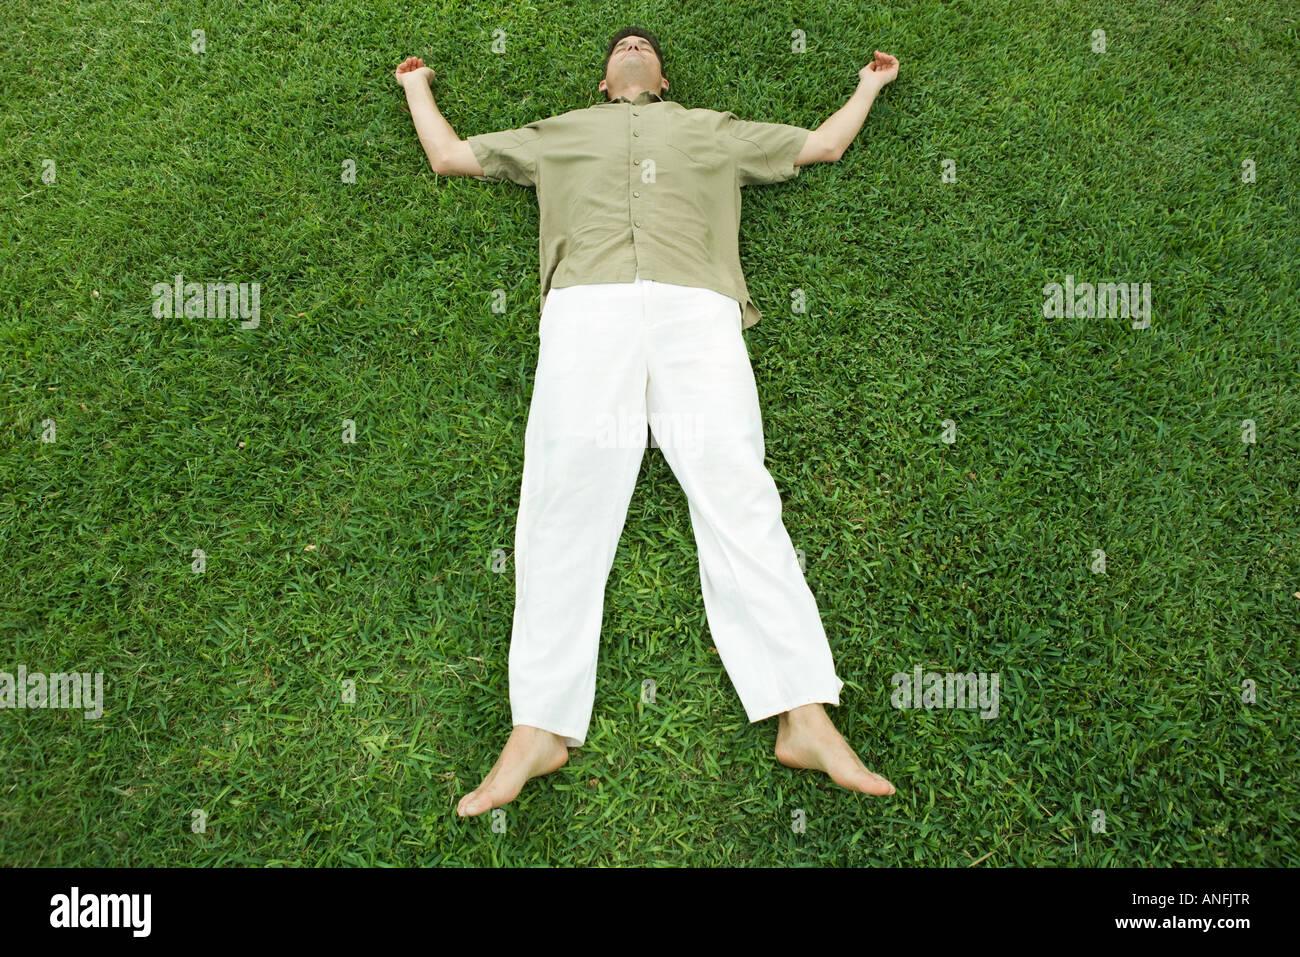 Man lying on grass, full length - Stock Image